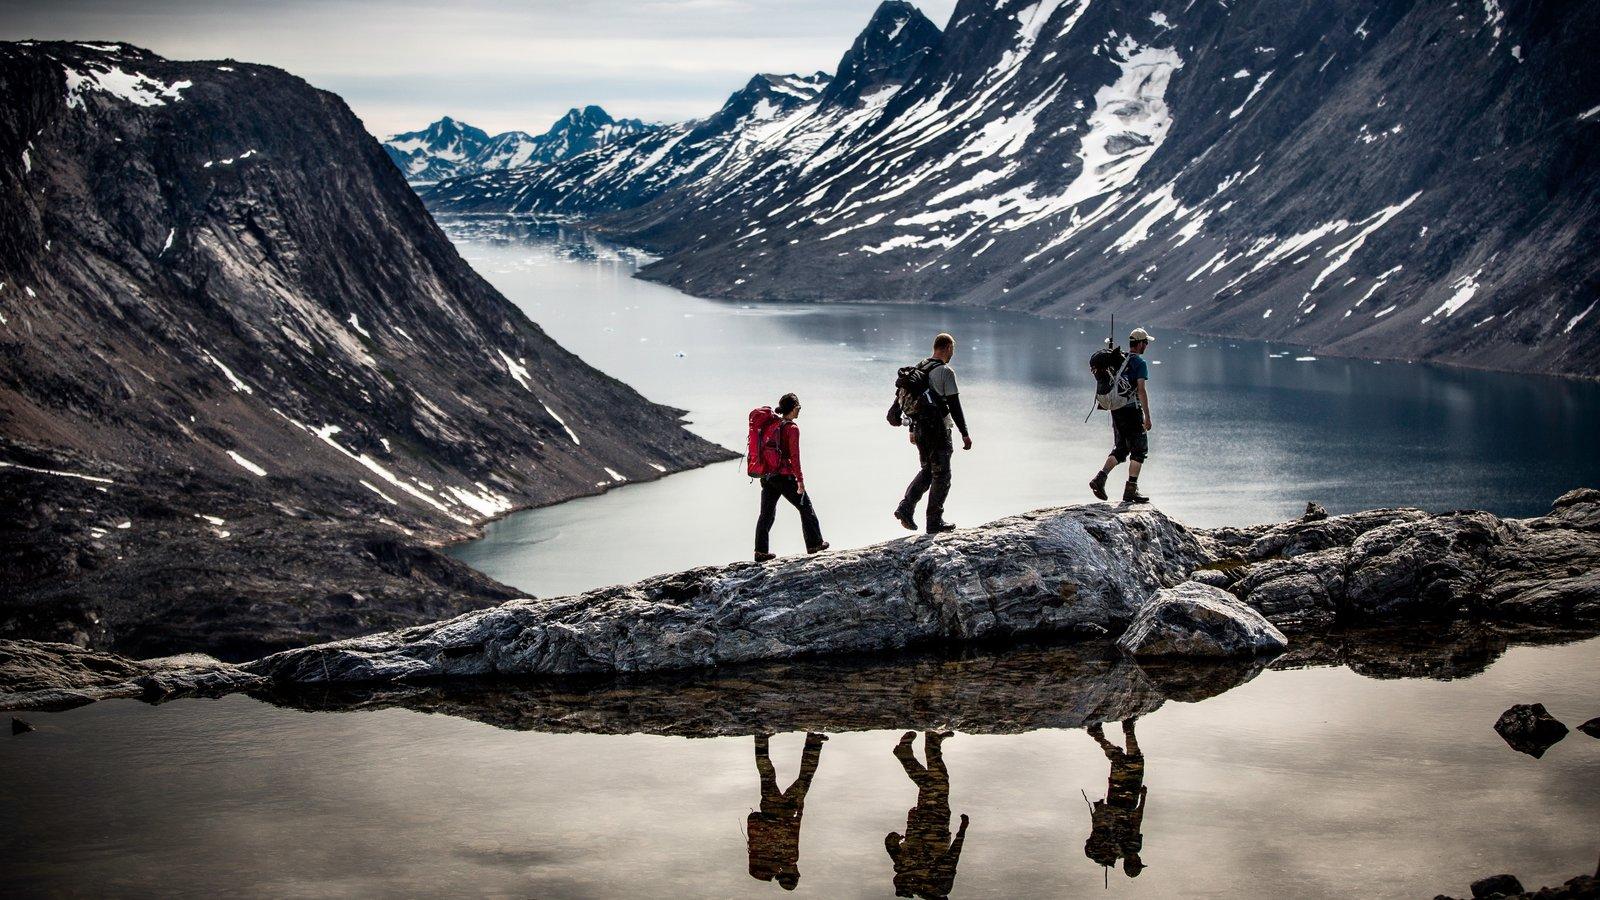 Groenlandia mostrando un lago o abrevadero, nieve y senderismo o caminata